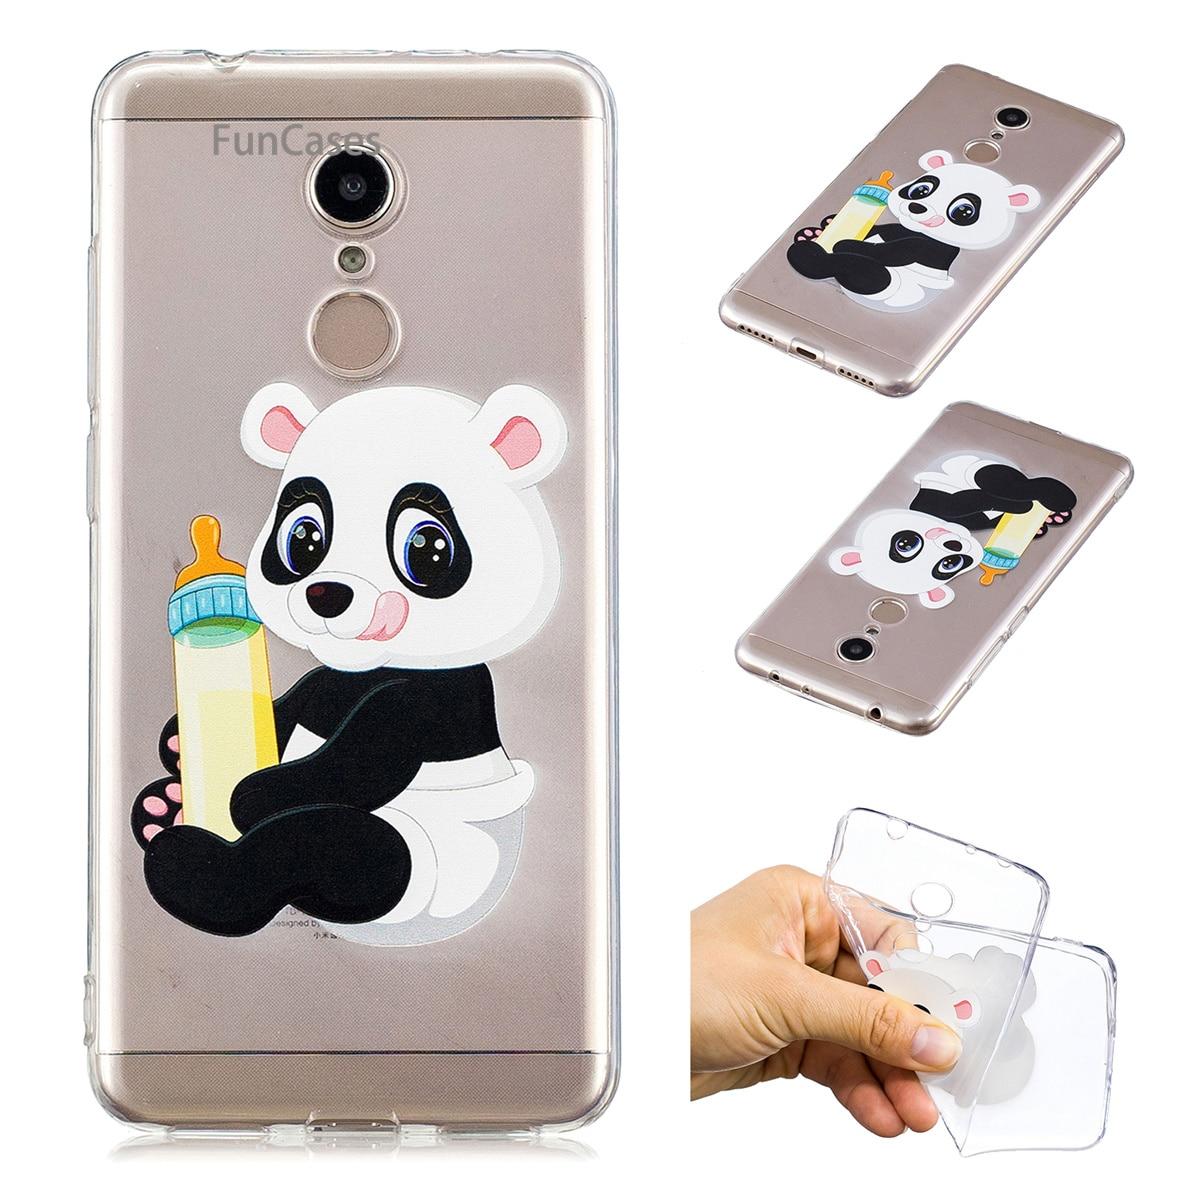 Football Phone Case sFor Celular Redmi 5 Soft TPU Back Cover Shell Glossy Cellphone Case For Xiaomi Redmi 5 Telefonoa Capa Owl